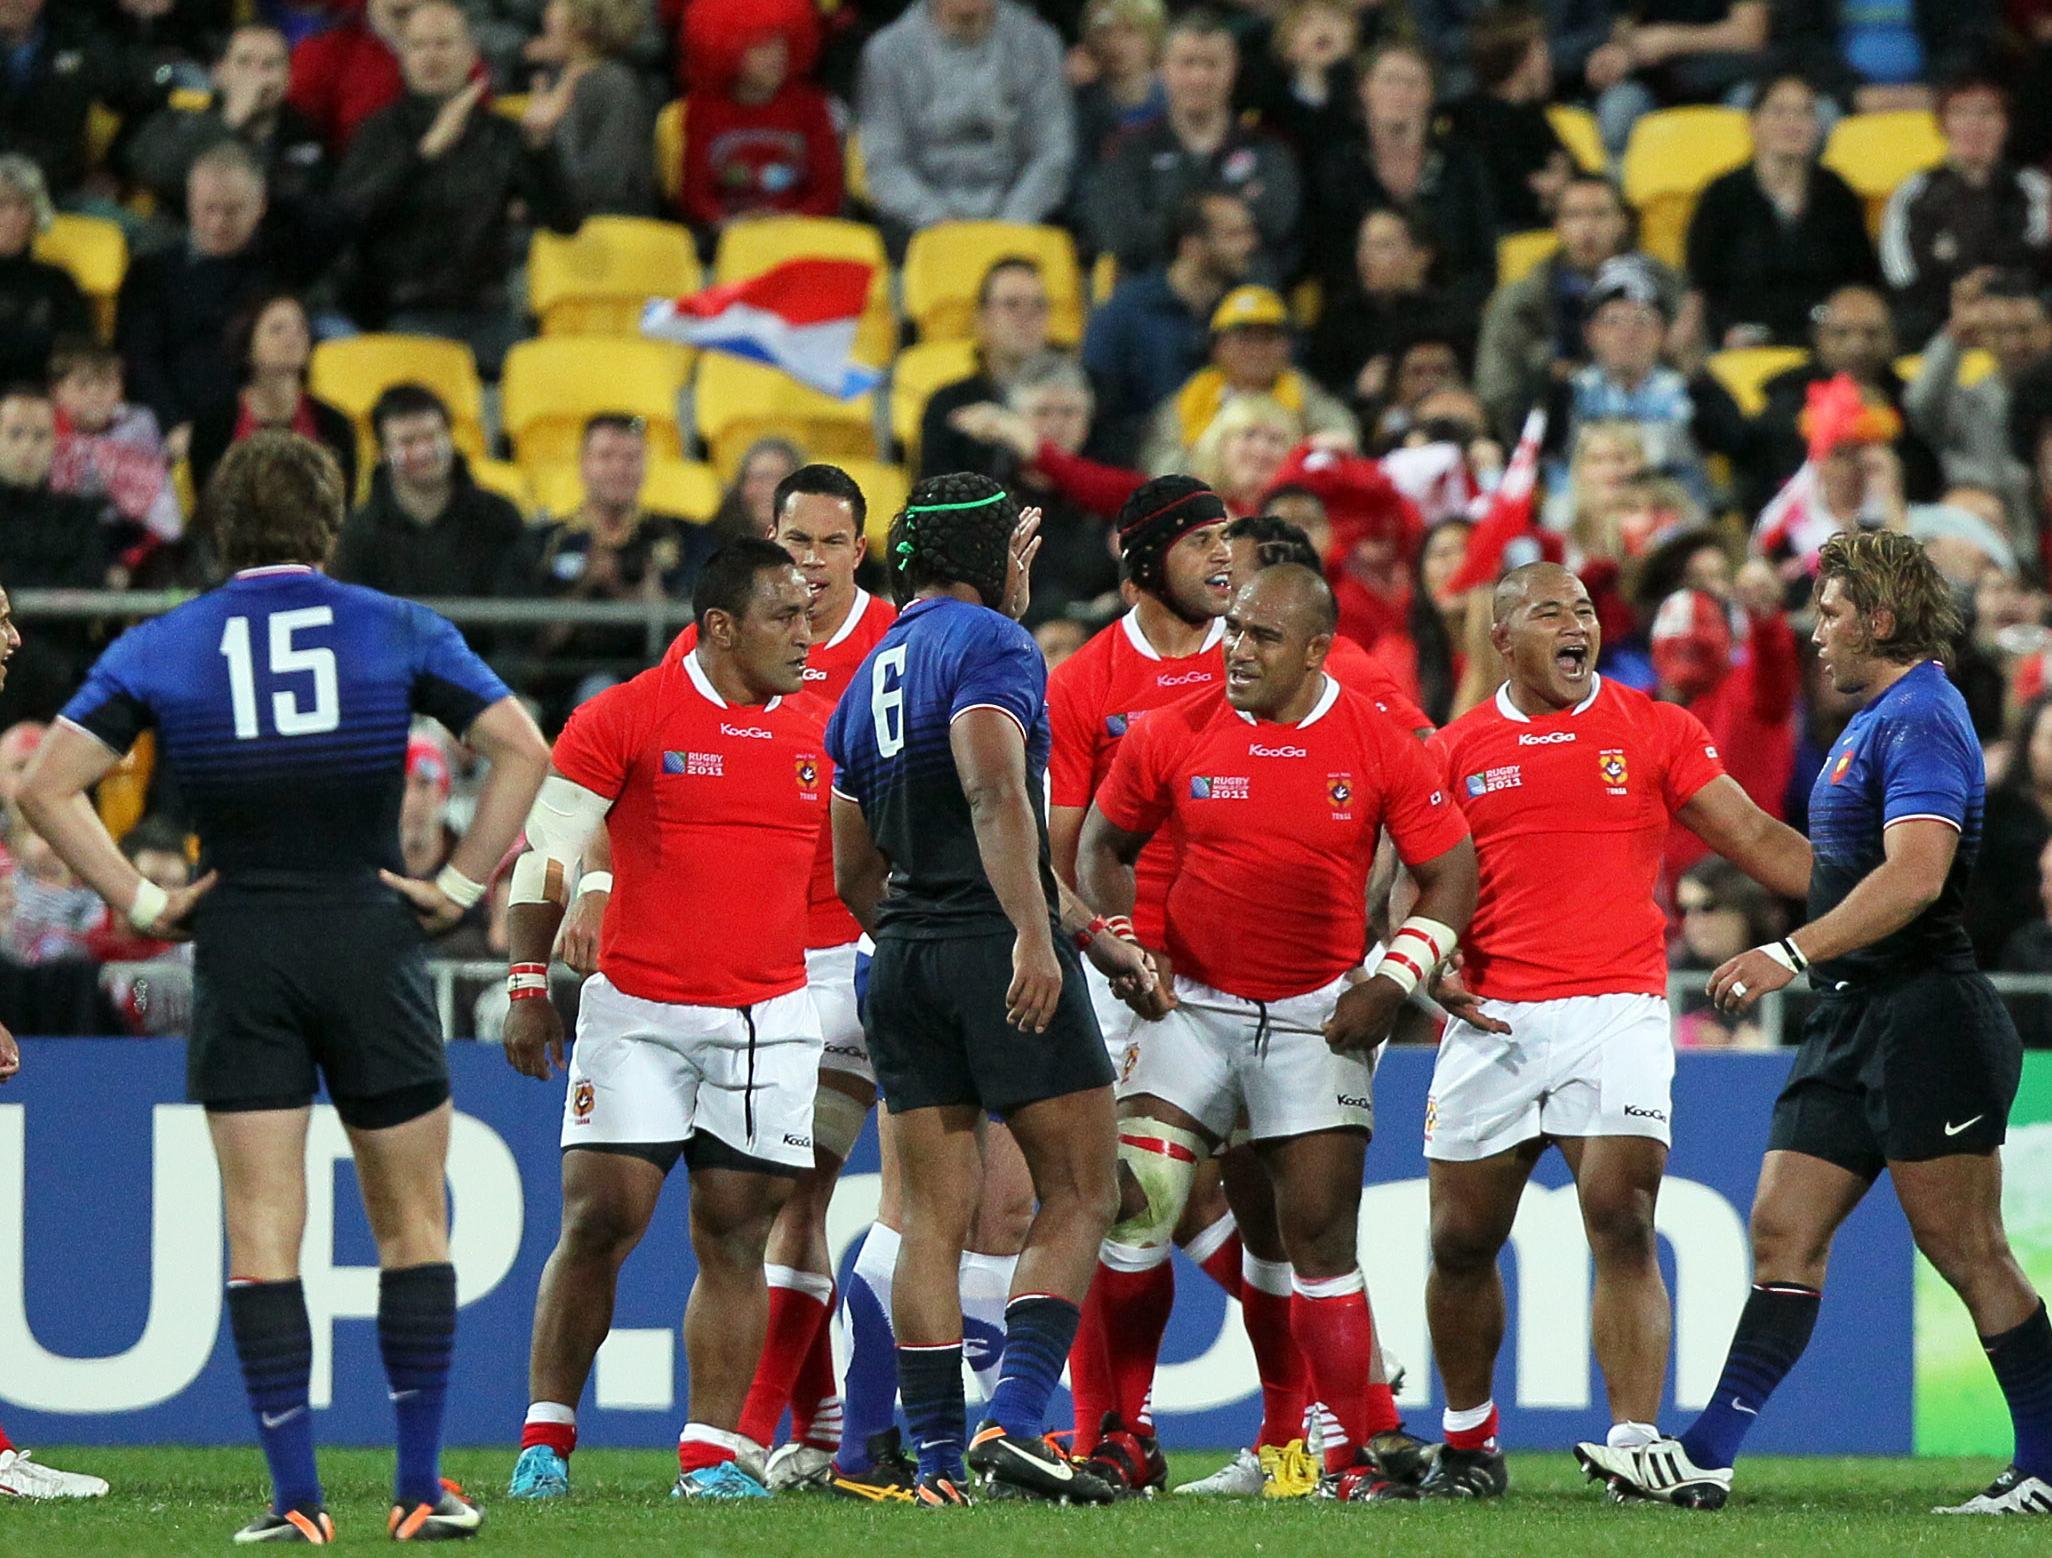 Le top 5 des exploits du premier tour de coupe du monde - Resultats coupe du monde de rugby 2015 ...